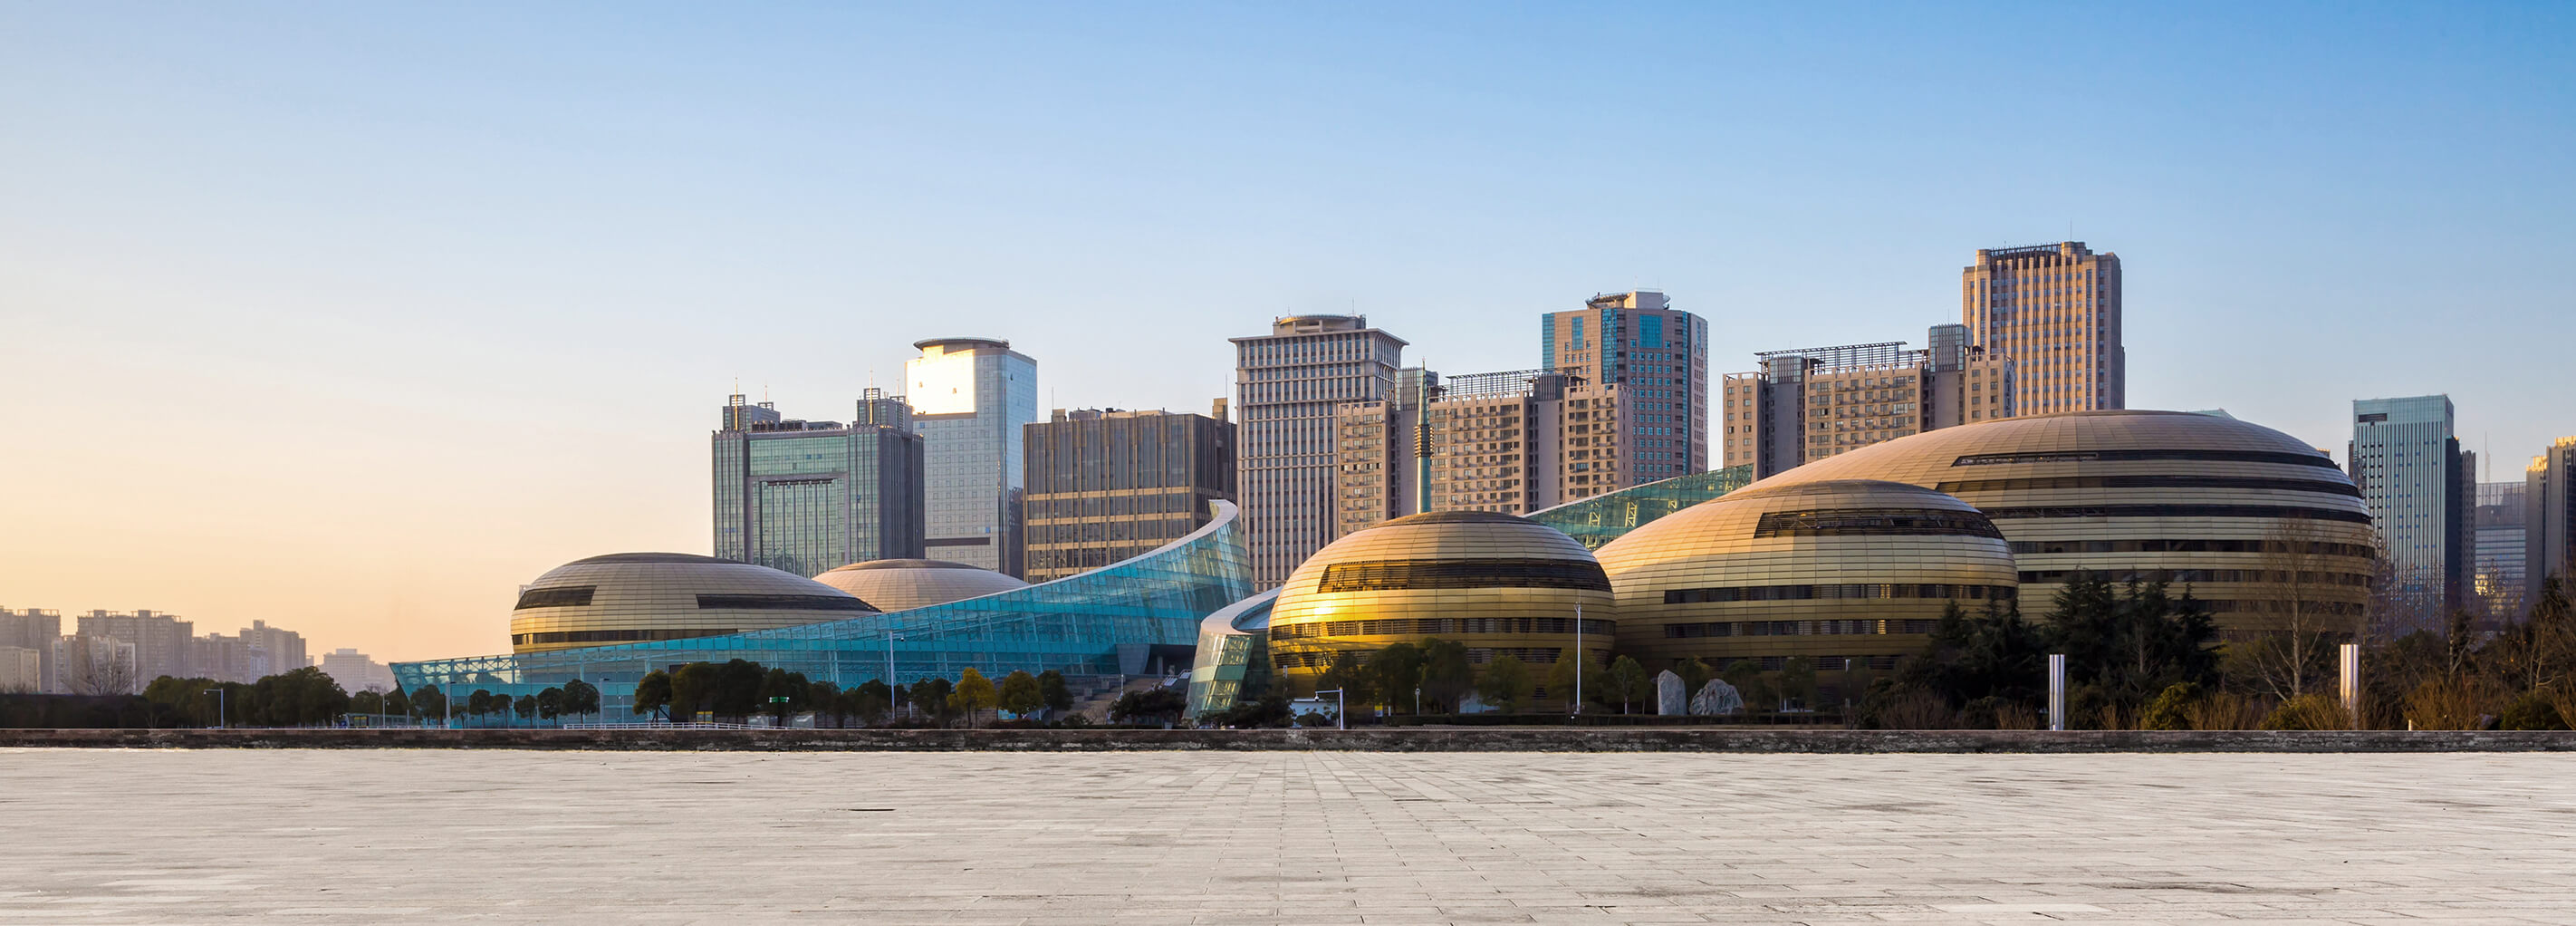 Zhenghou skyline